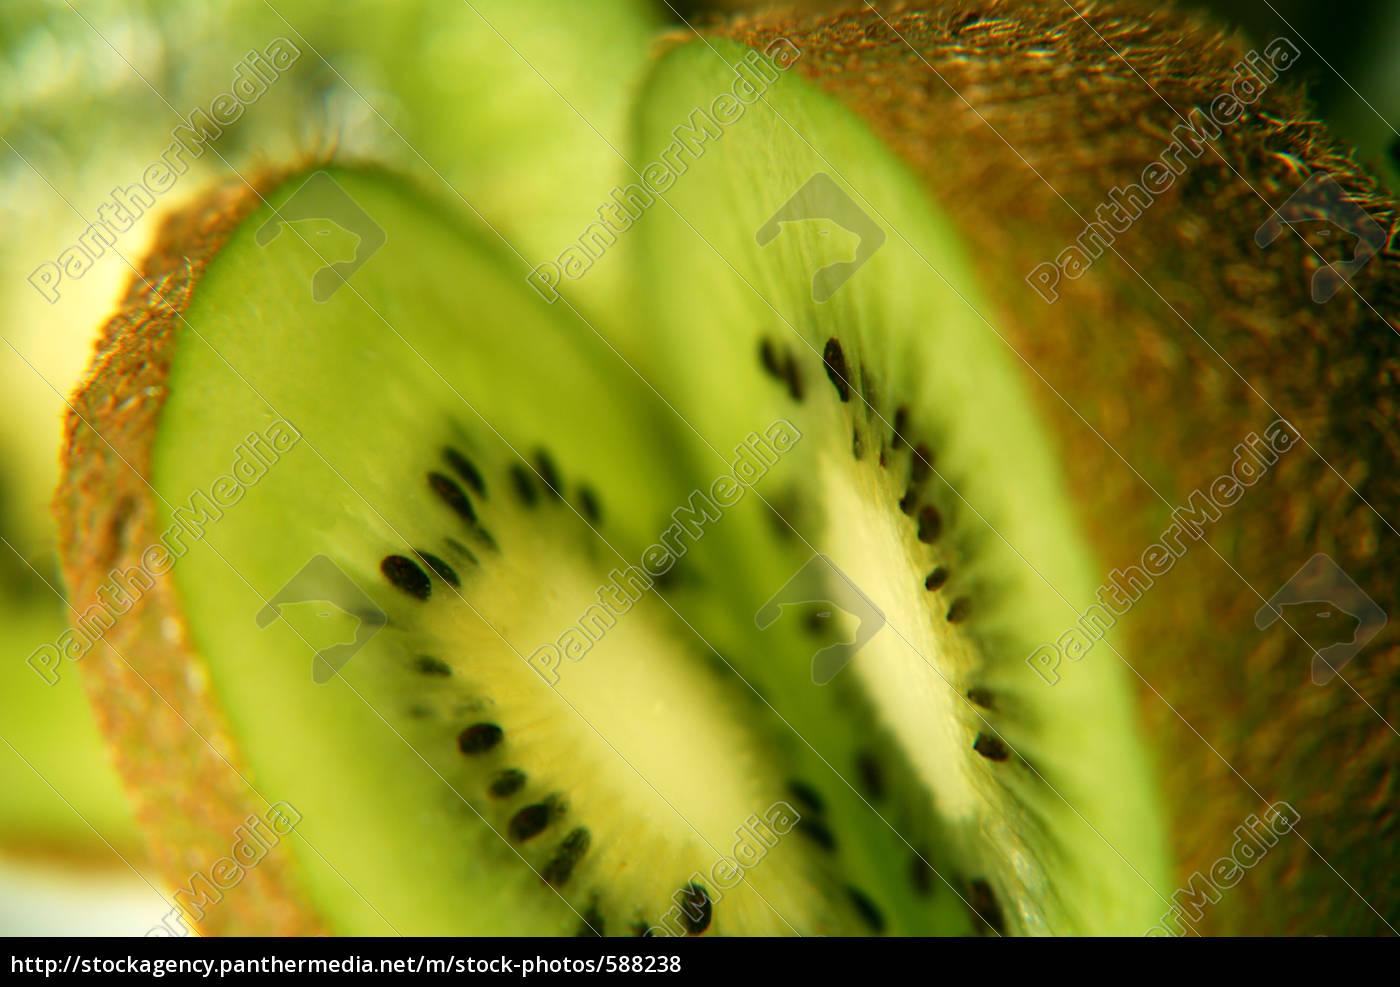 kiwi - 588238